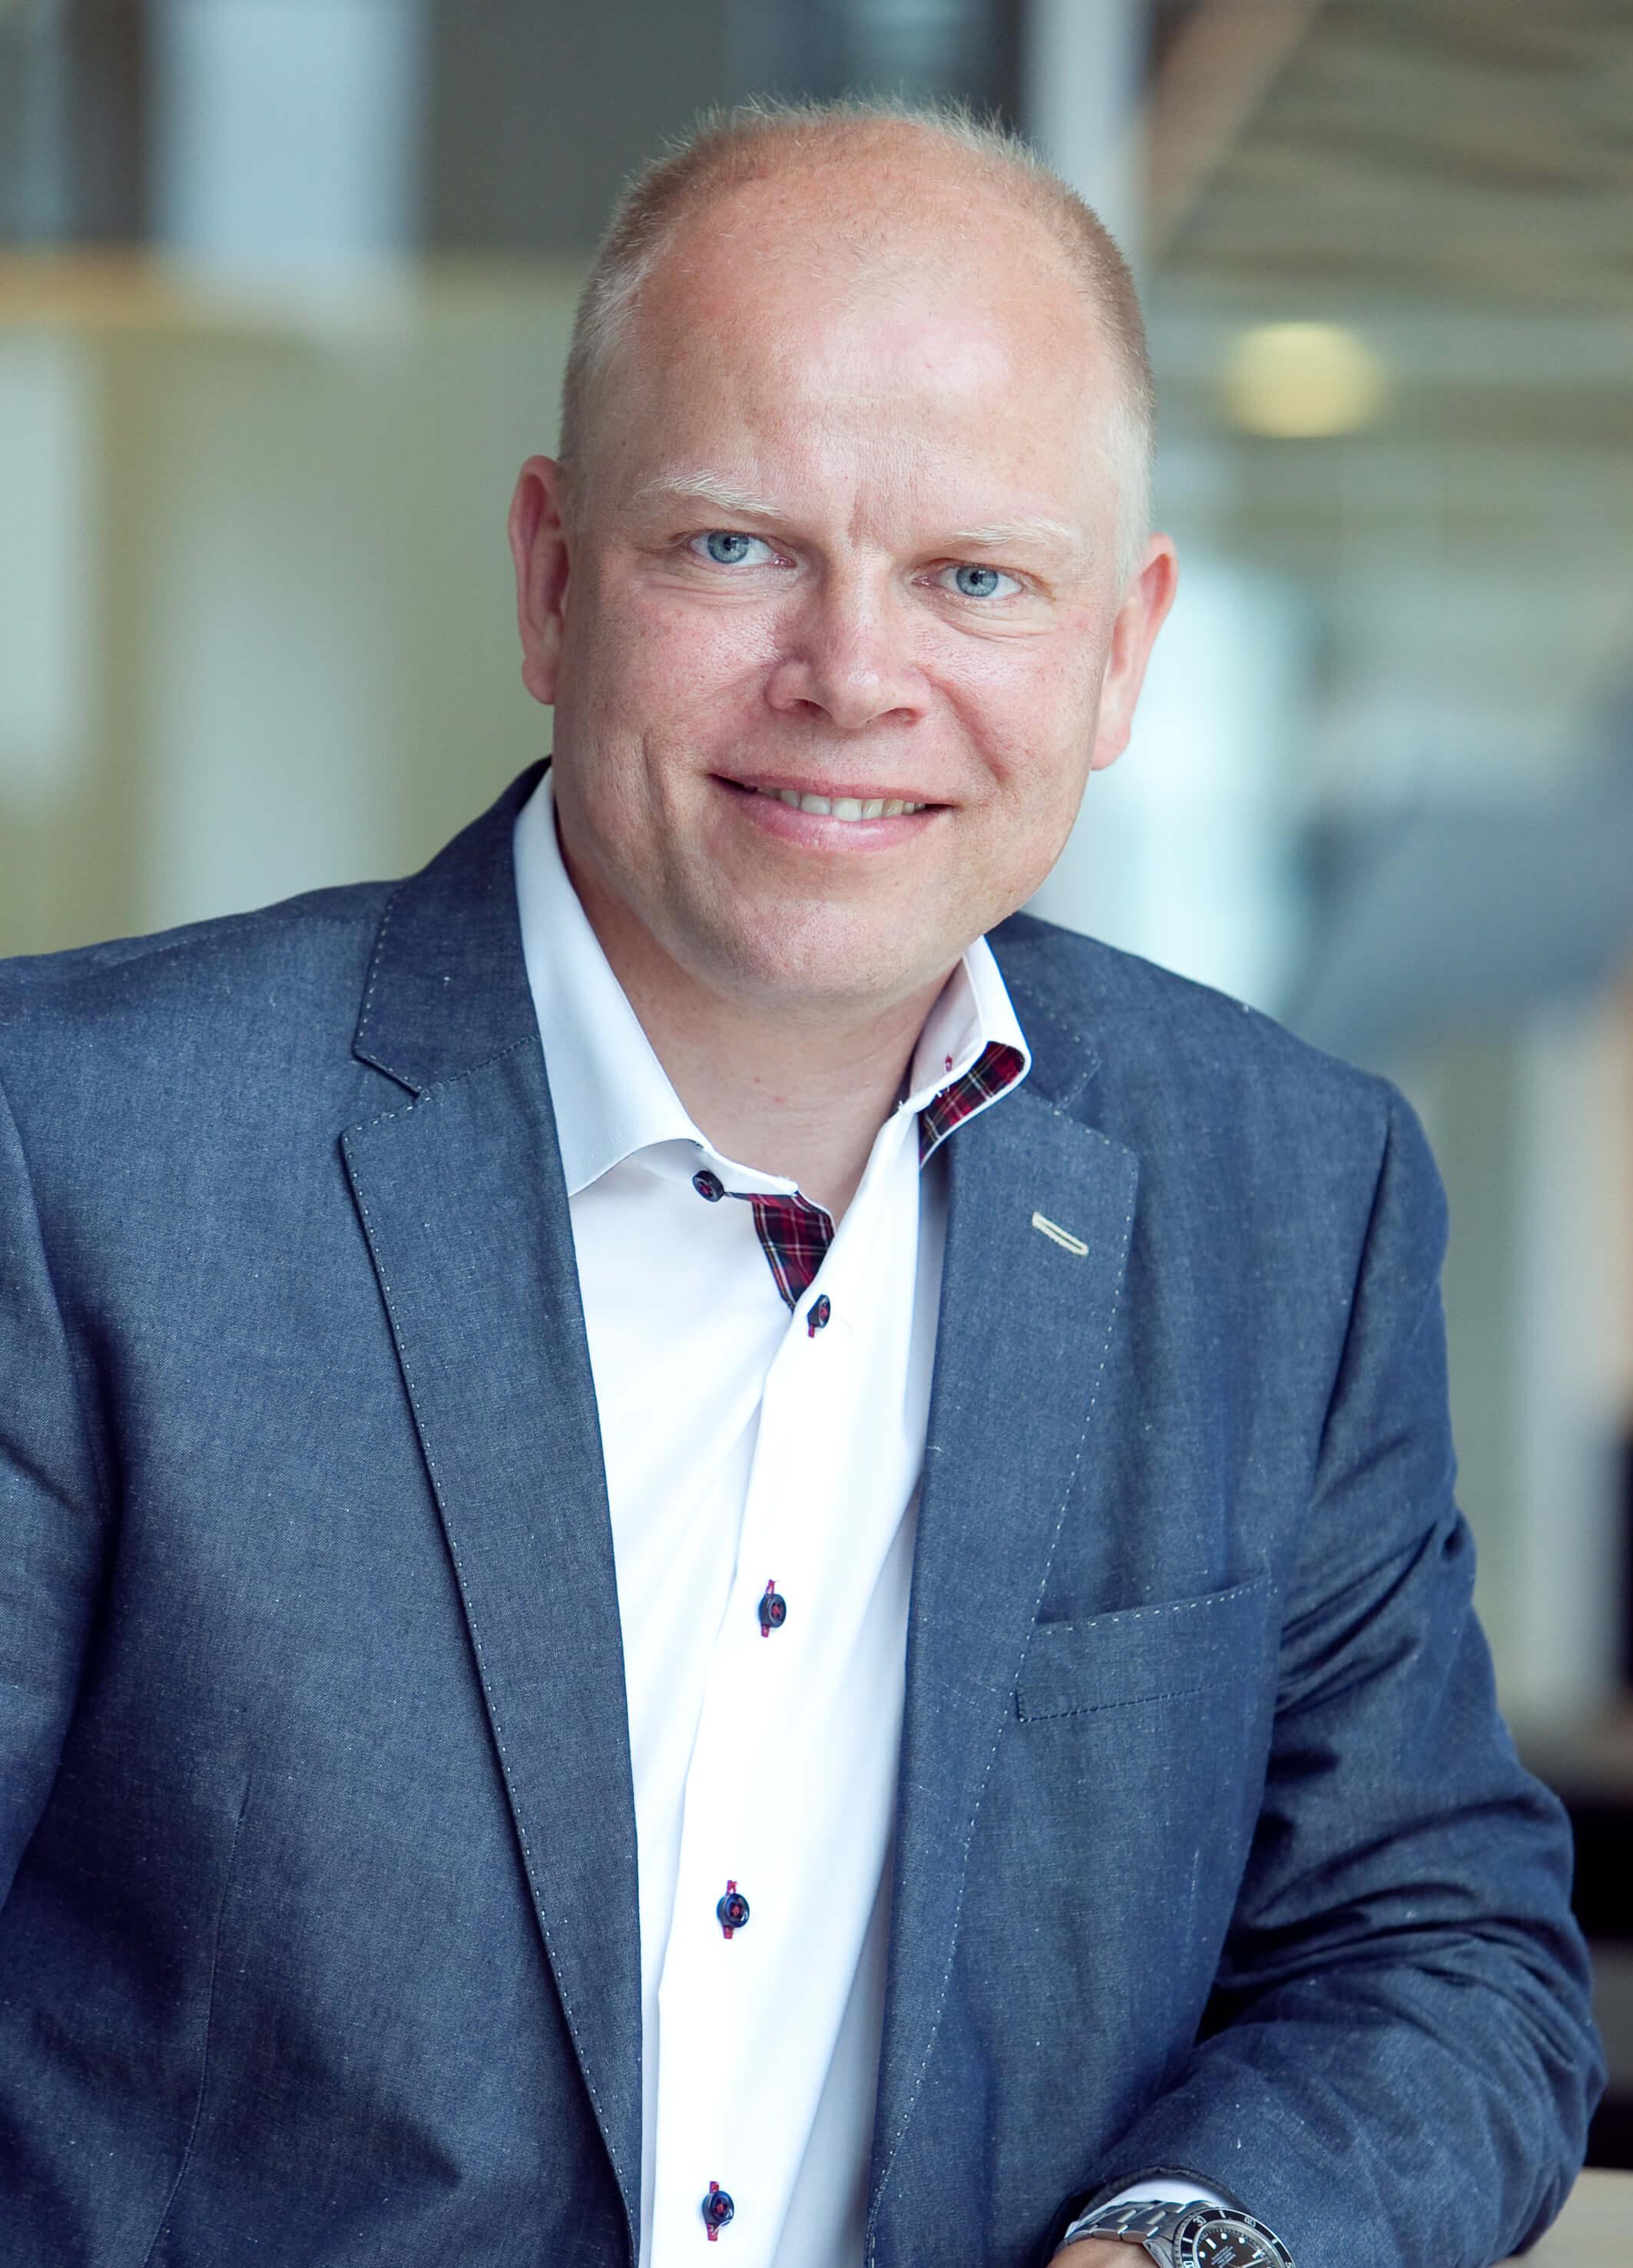 Frederik-Helweg-Larsen